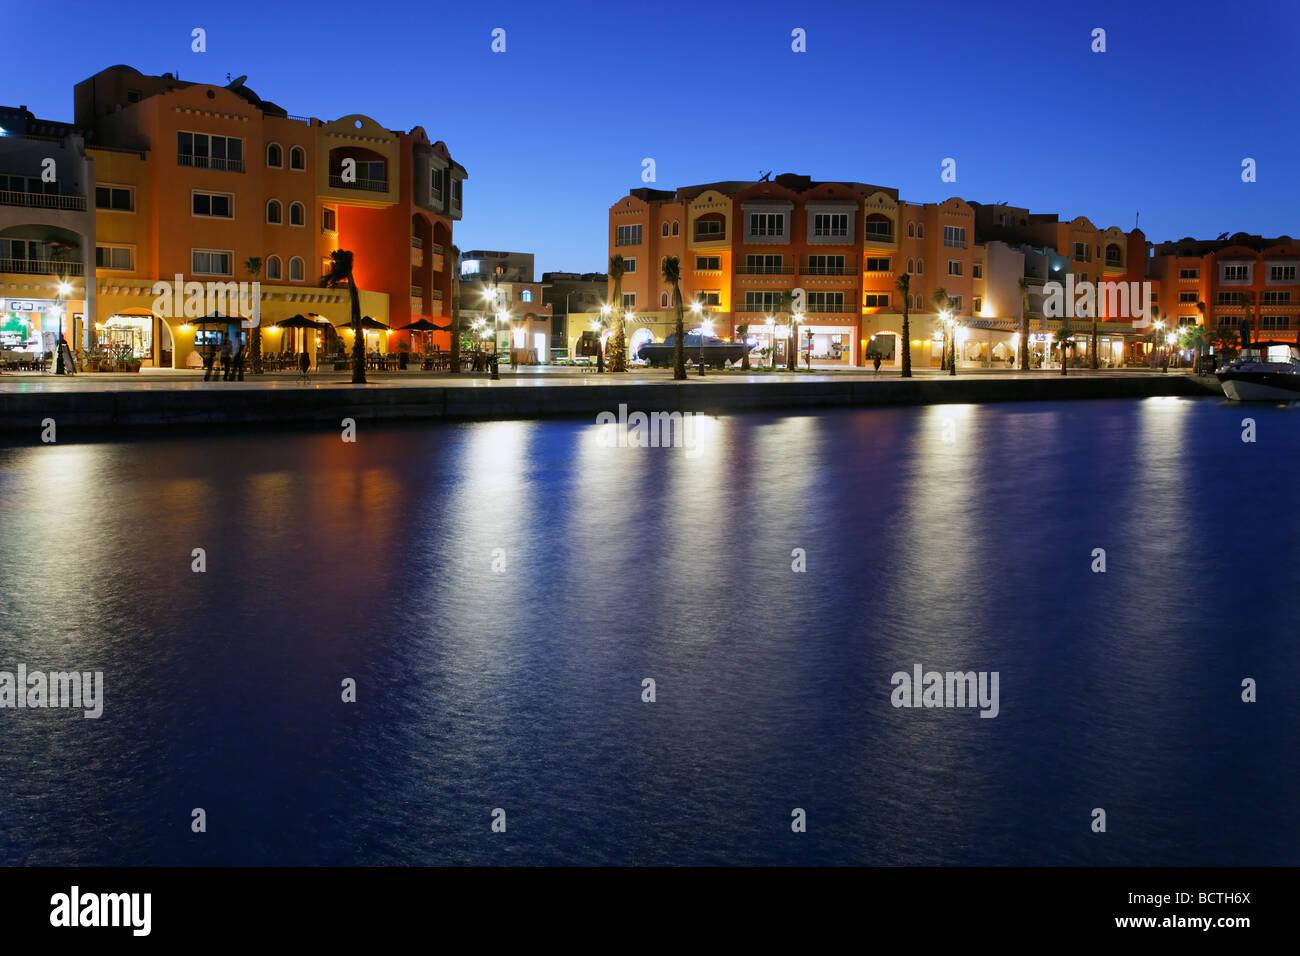 Case illuminate con ristoranti a Marina, Hurghada, Egitto, Mare Rosso, Africa Immagini Stock